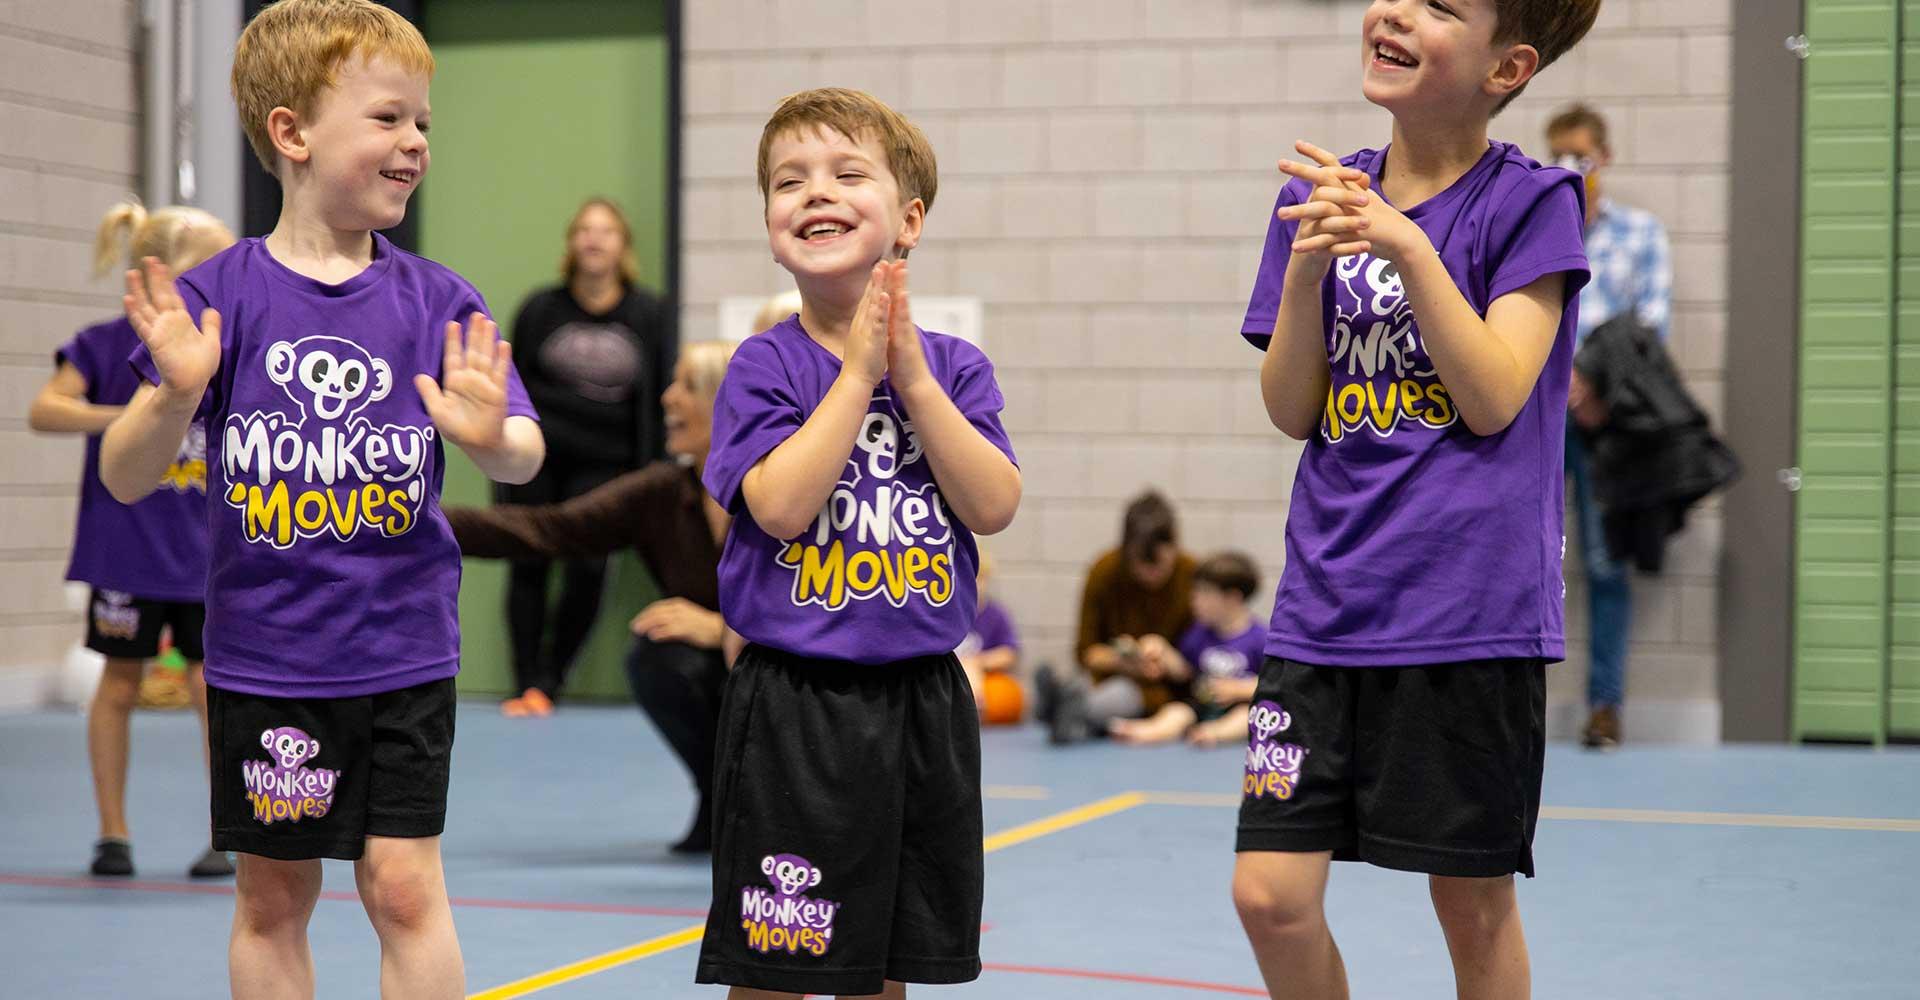 Een apeleuk sportief kinderfeestje geven? LEUK!!